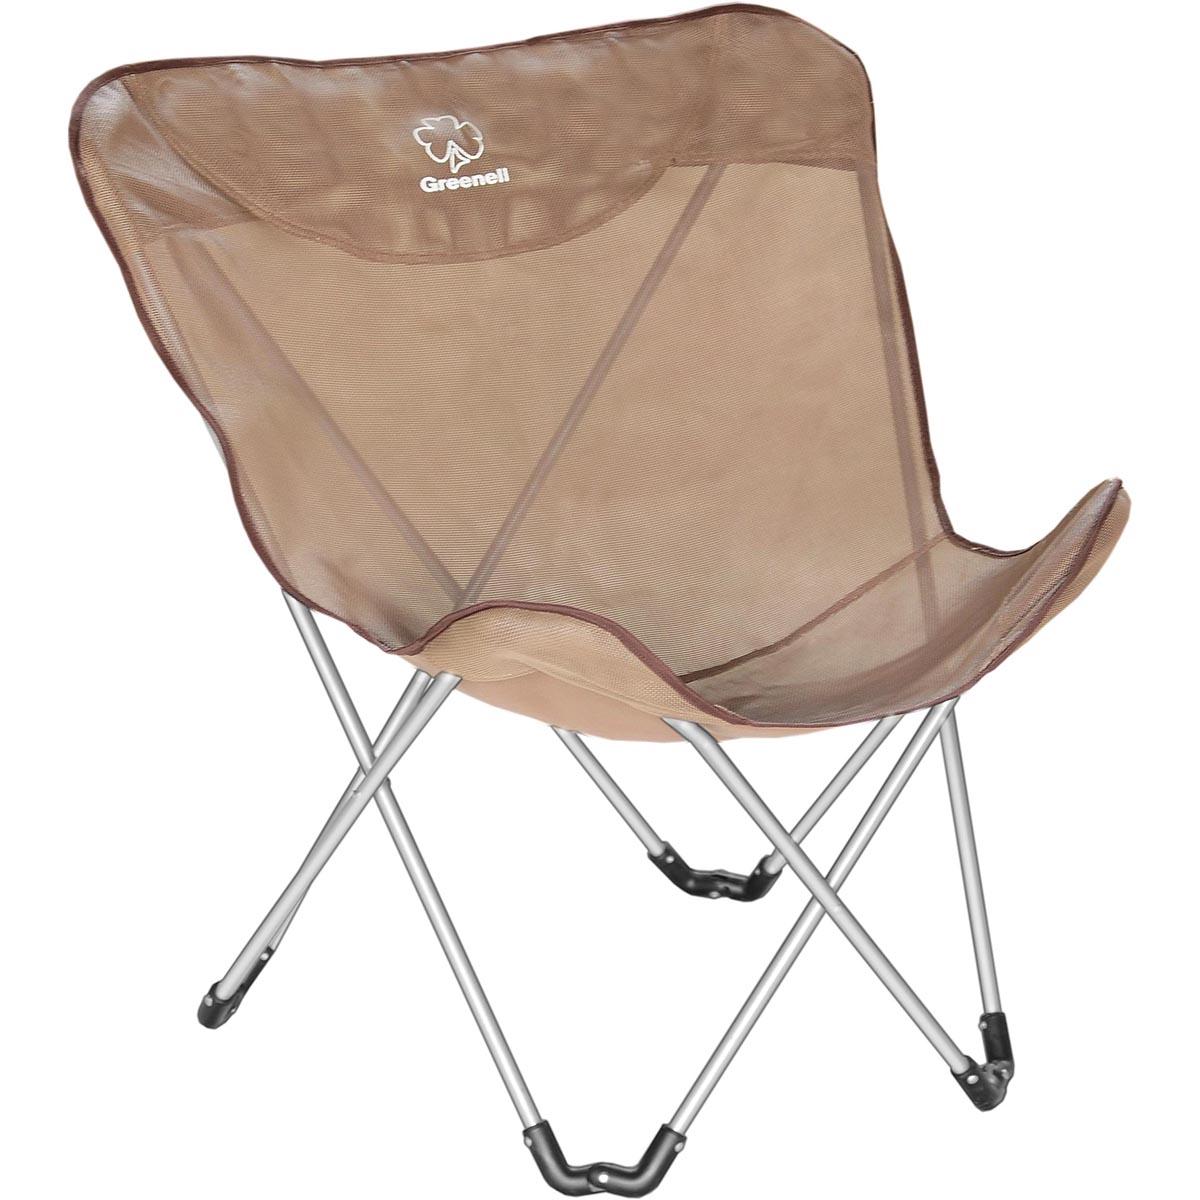 Кресло складное Greenell Баттерфляй FC-14, цвет: коричневый, 120 кгWS 7064Складное кресло Greenell очень удобно для отдыха на природе, рыбалке, в походе.Кресло хорошо вентилируется.Оно компактно складывается и занимает мало места, а раскладывается как коляска-трость.Материал устойчив к ультафиолету и быстро сохнет.Стальной каркас кресла рассчитан на нагрузку до 120 кг.